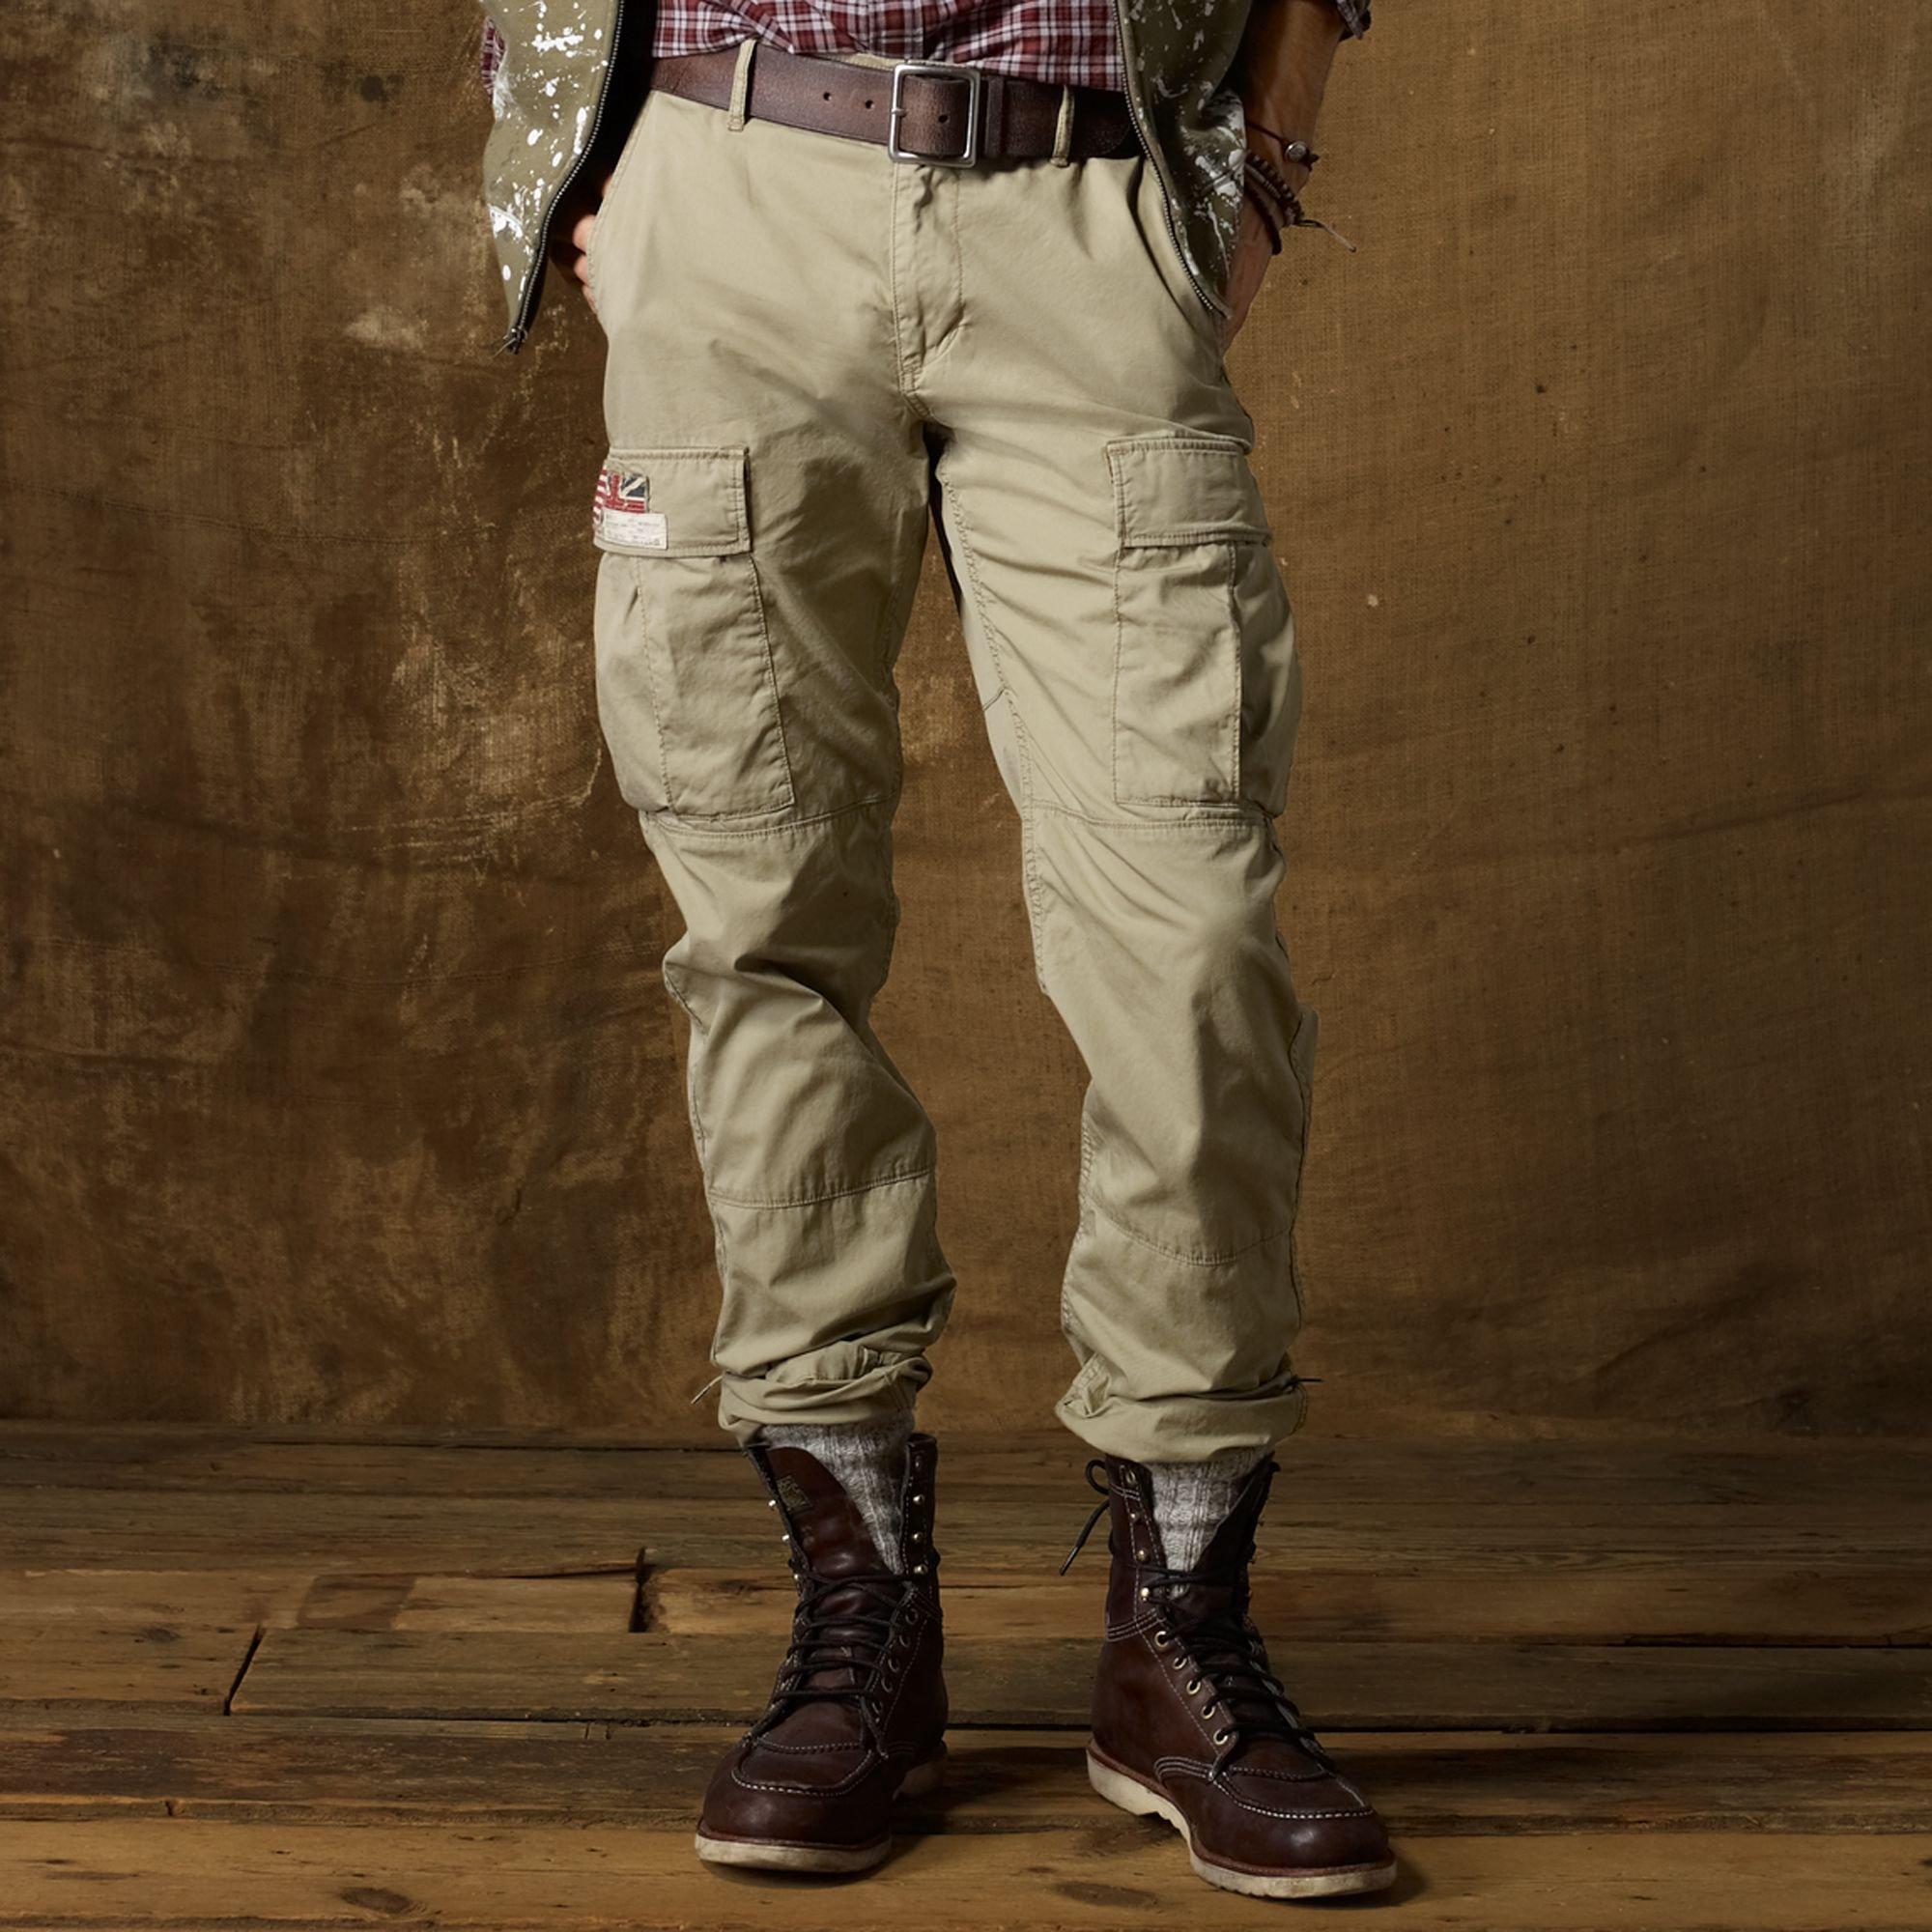 Толстухи в панталонах 4 фотография